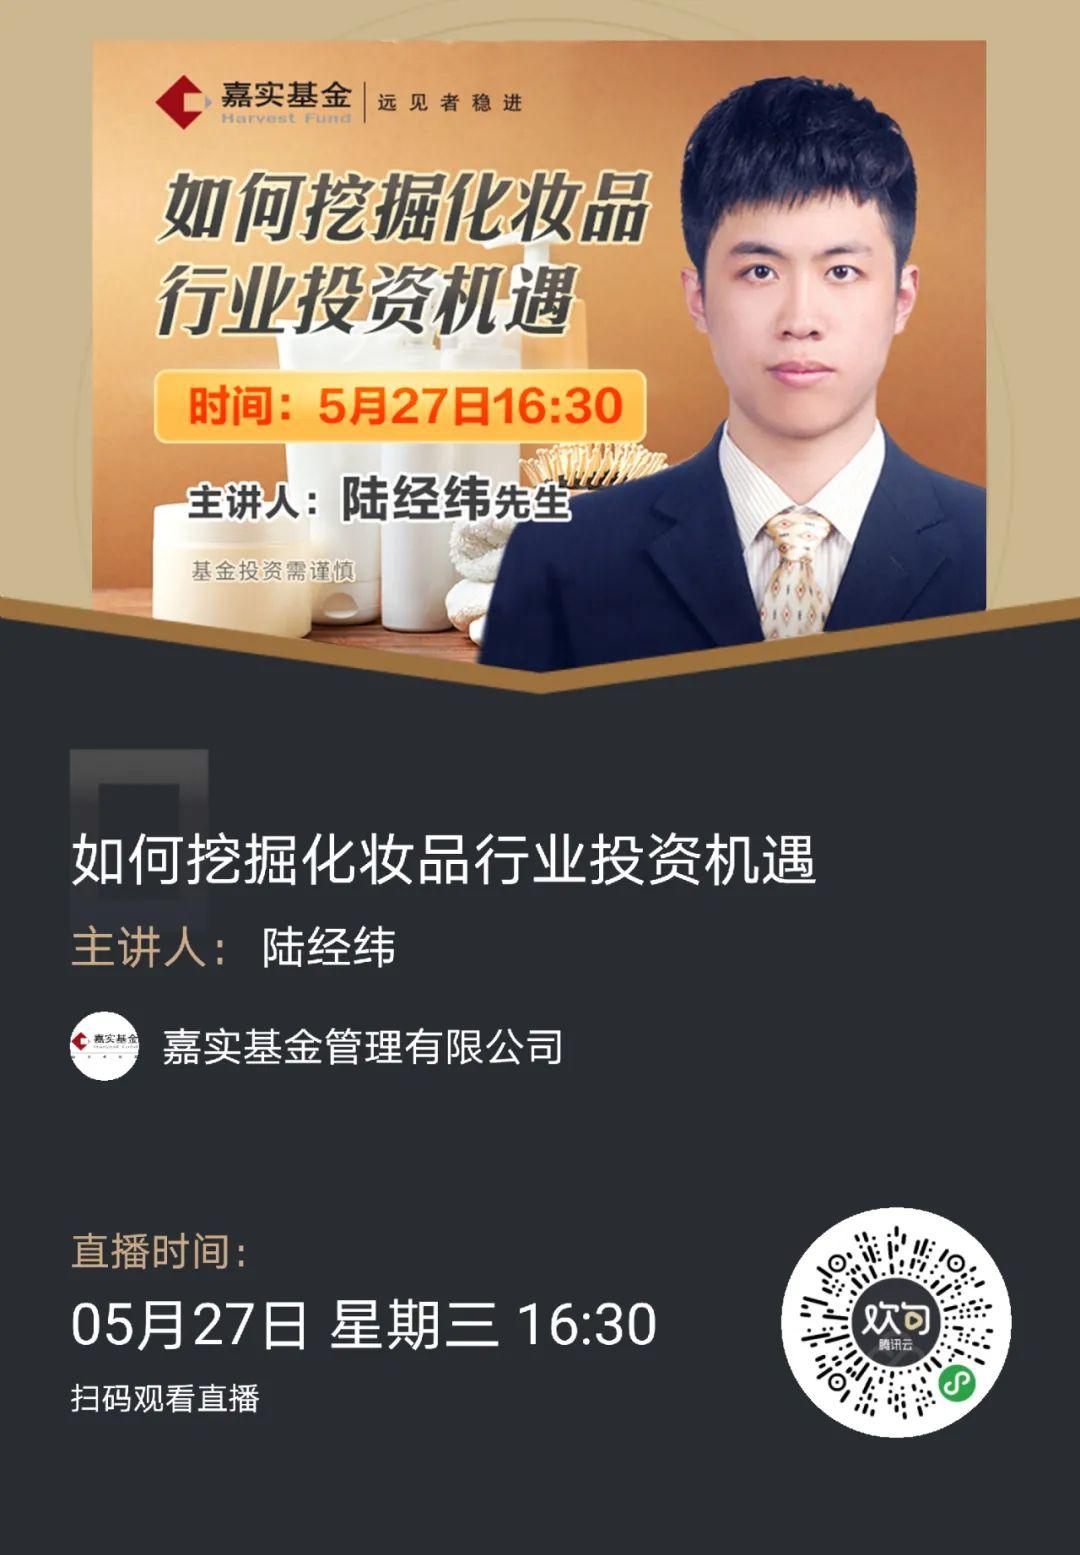 http://www.zgcg360.com/meizhuangrihua/702987.html